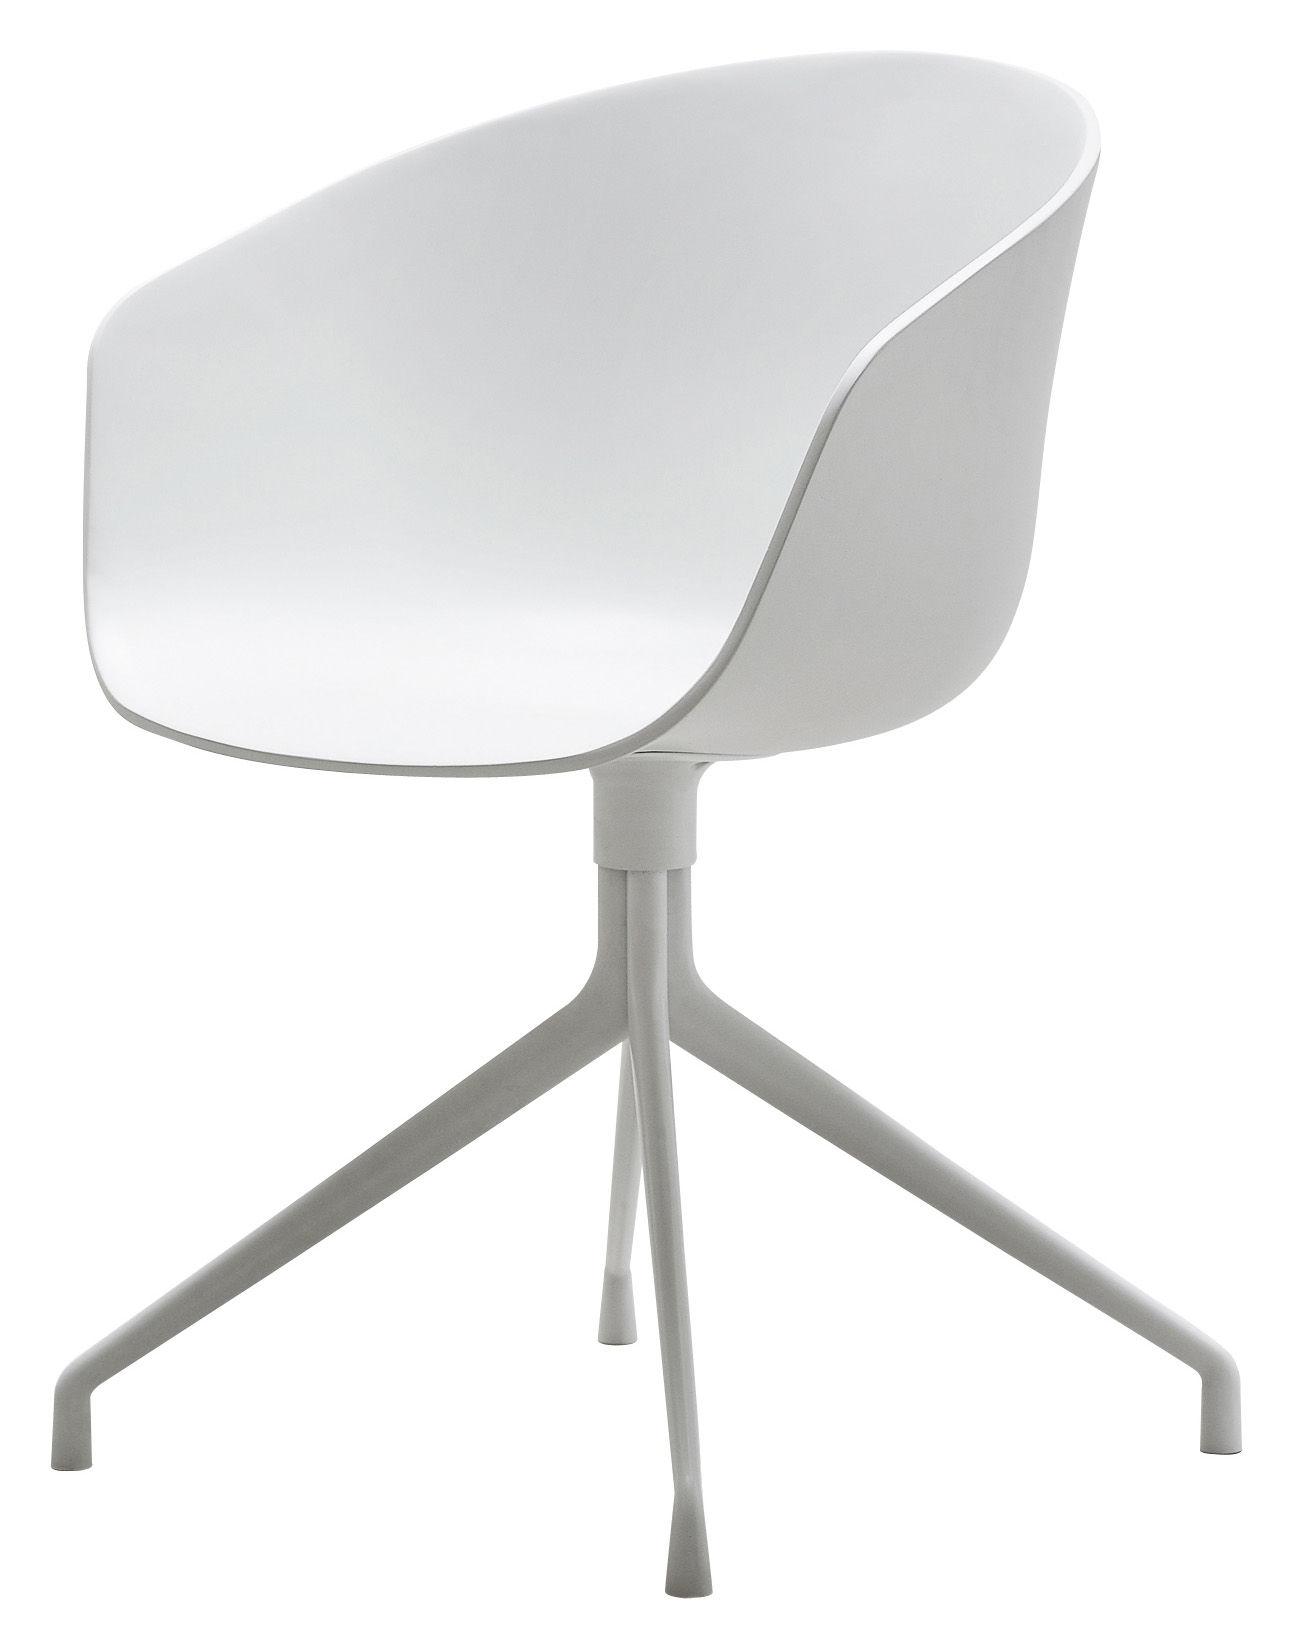 Mobilier - Chaises, fauteuils de salle à manger - Fauteuil pivotant About a chair / 4 pieds - Hay - Blanc / Pied blanc - Fonte d'aluminium laqué, Polypropylène